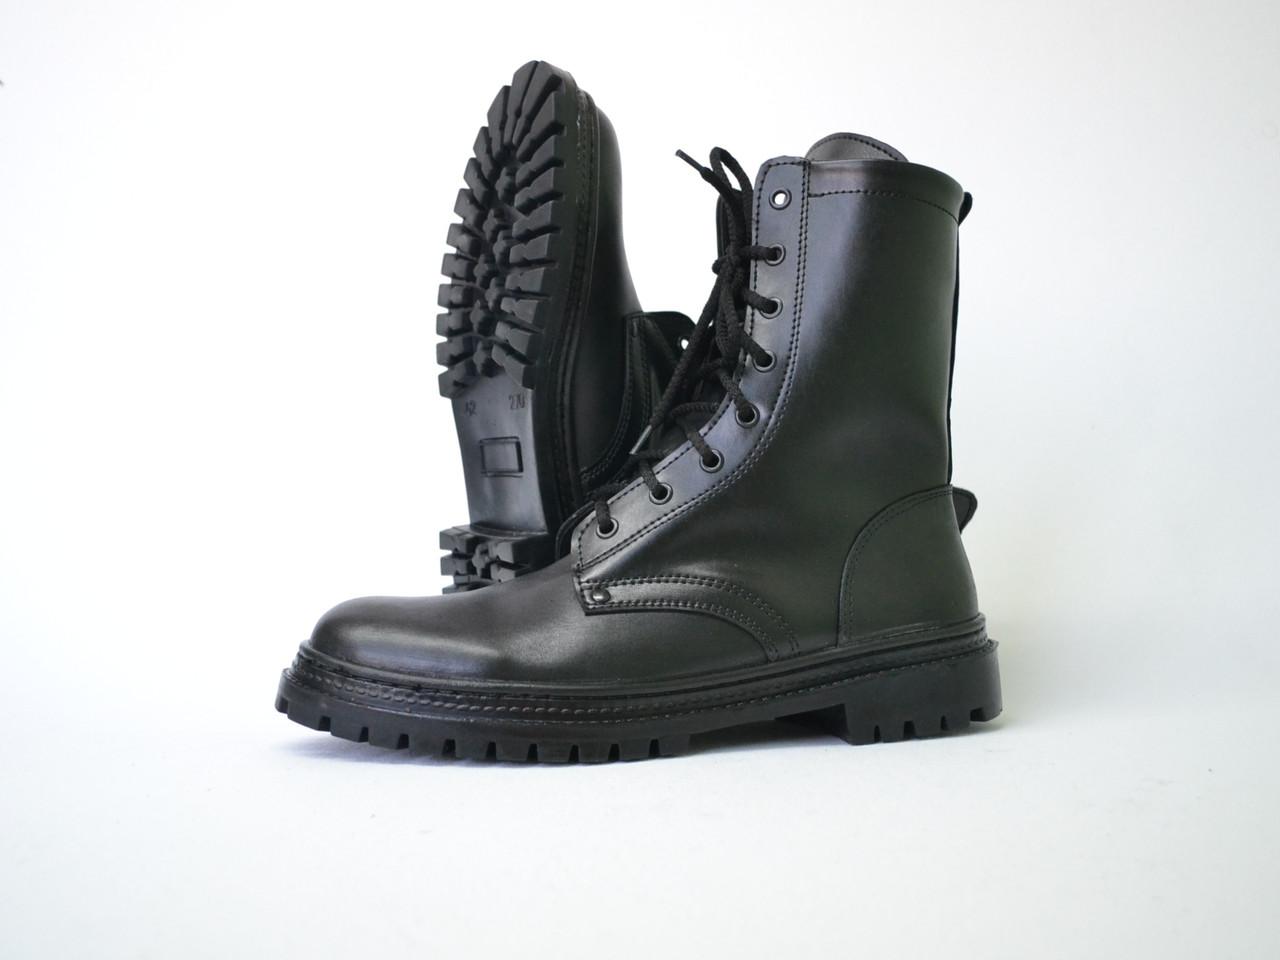 Тактические ботинки из натуральной кожи РА - НАТО Ч